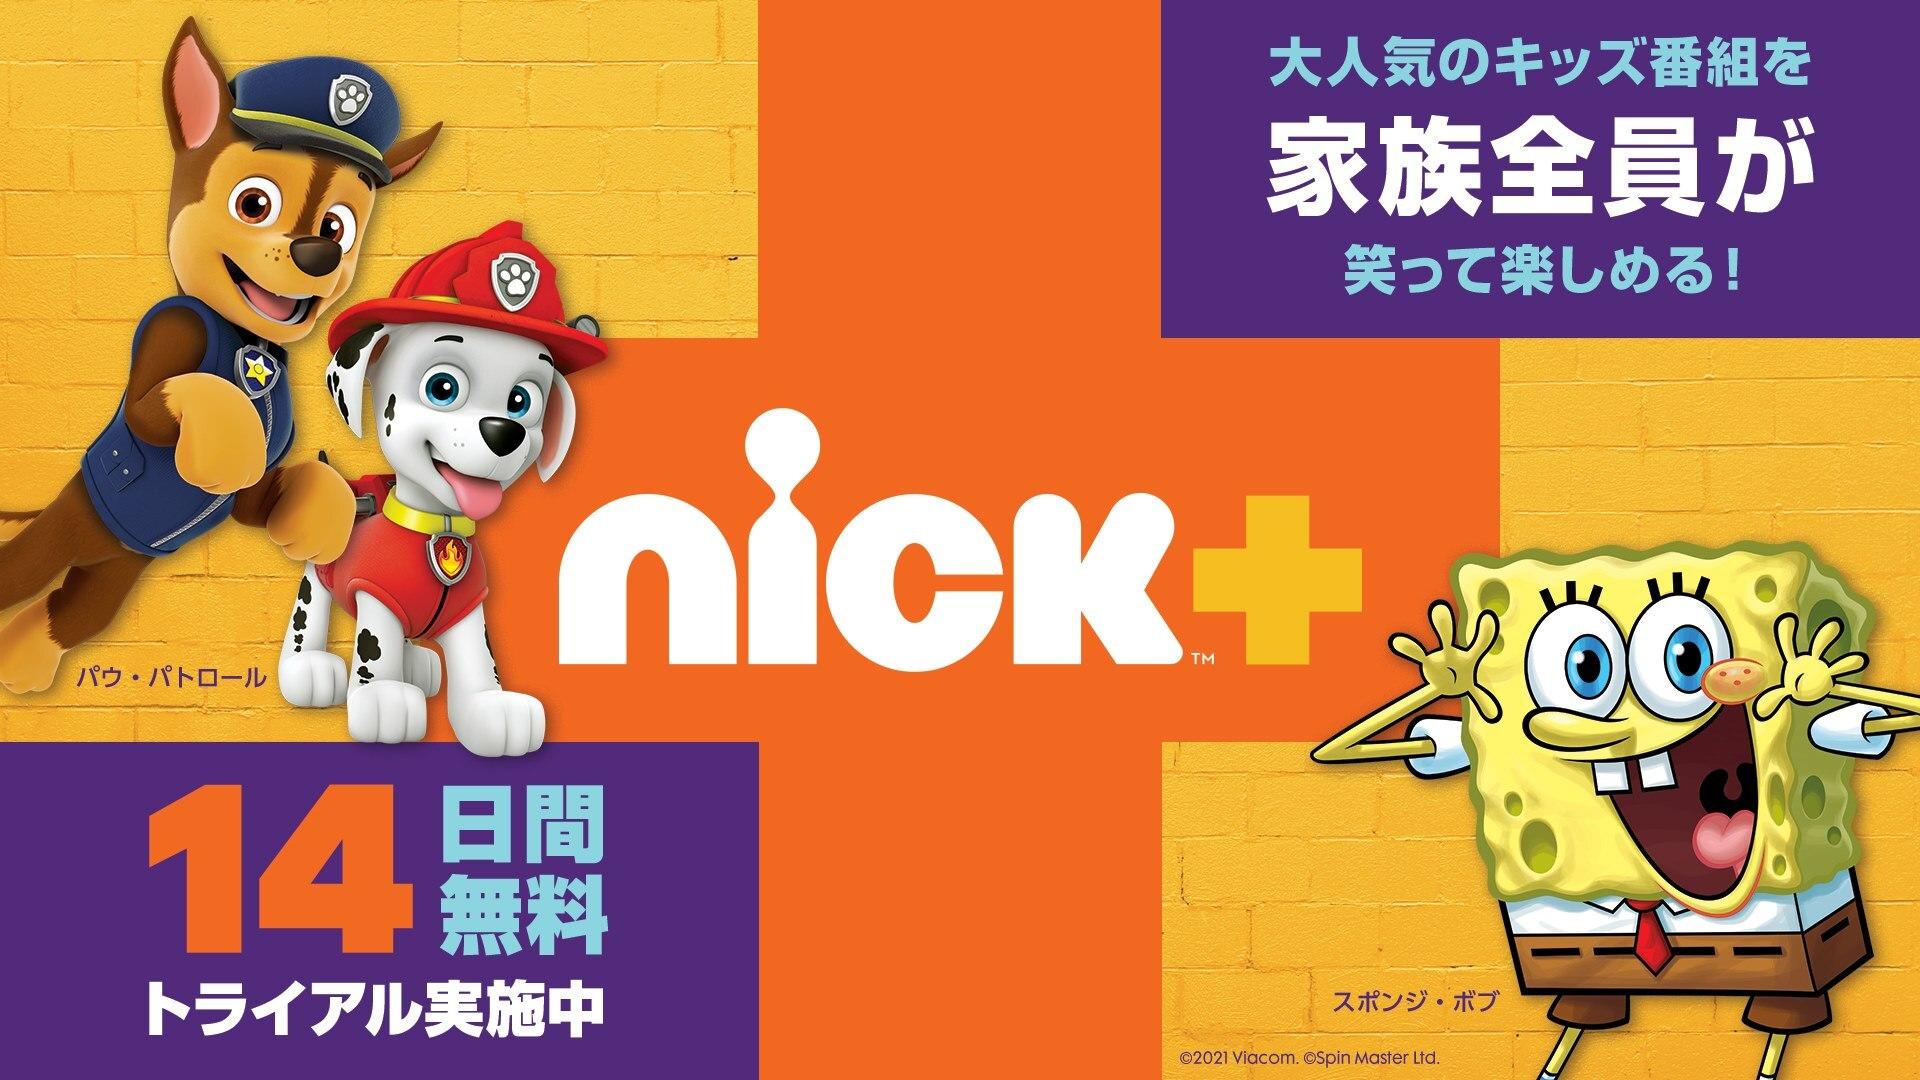 Nick+(ニックプラス)